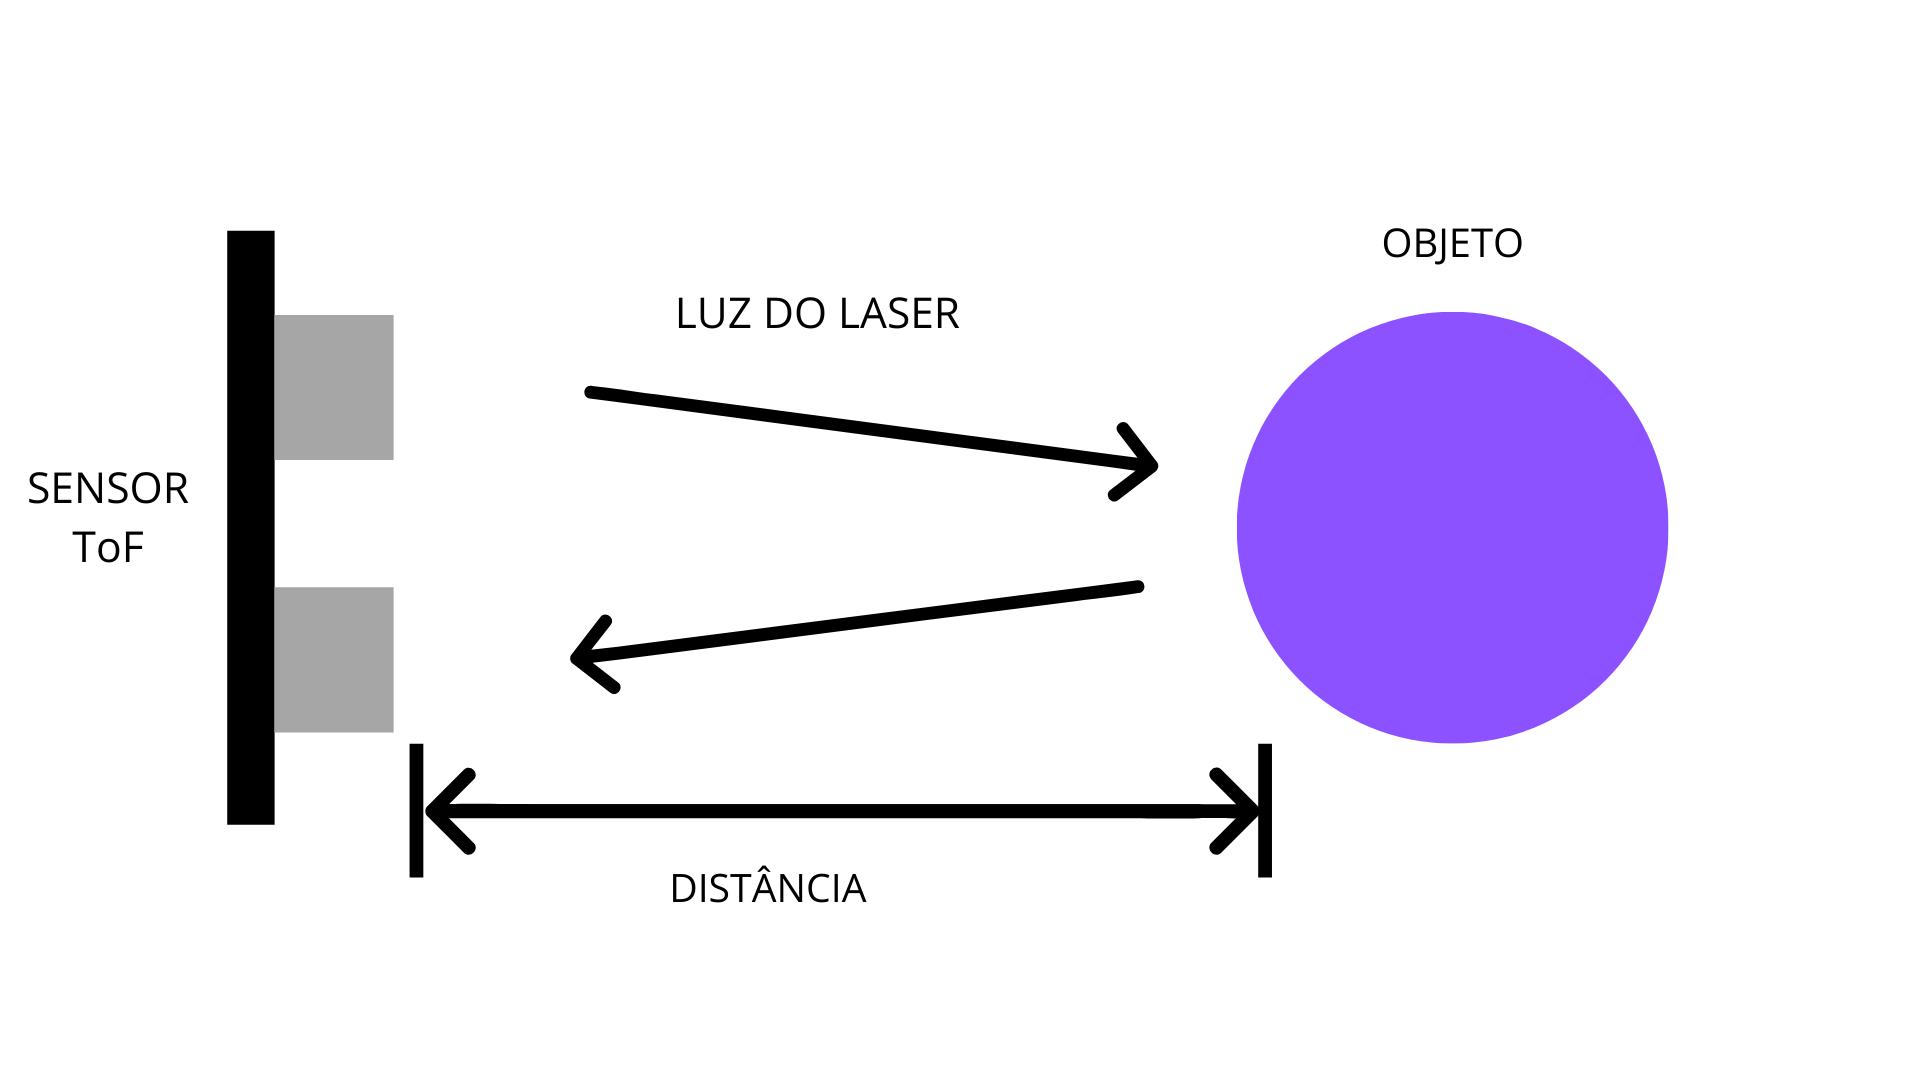 Esquema demonstra ação do sensor ToF. (Imagem: Zoom)